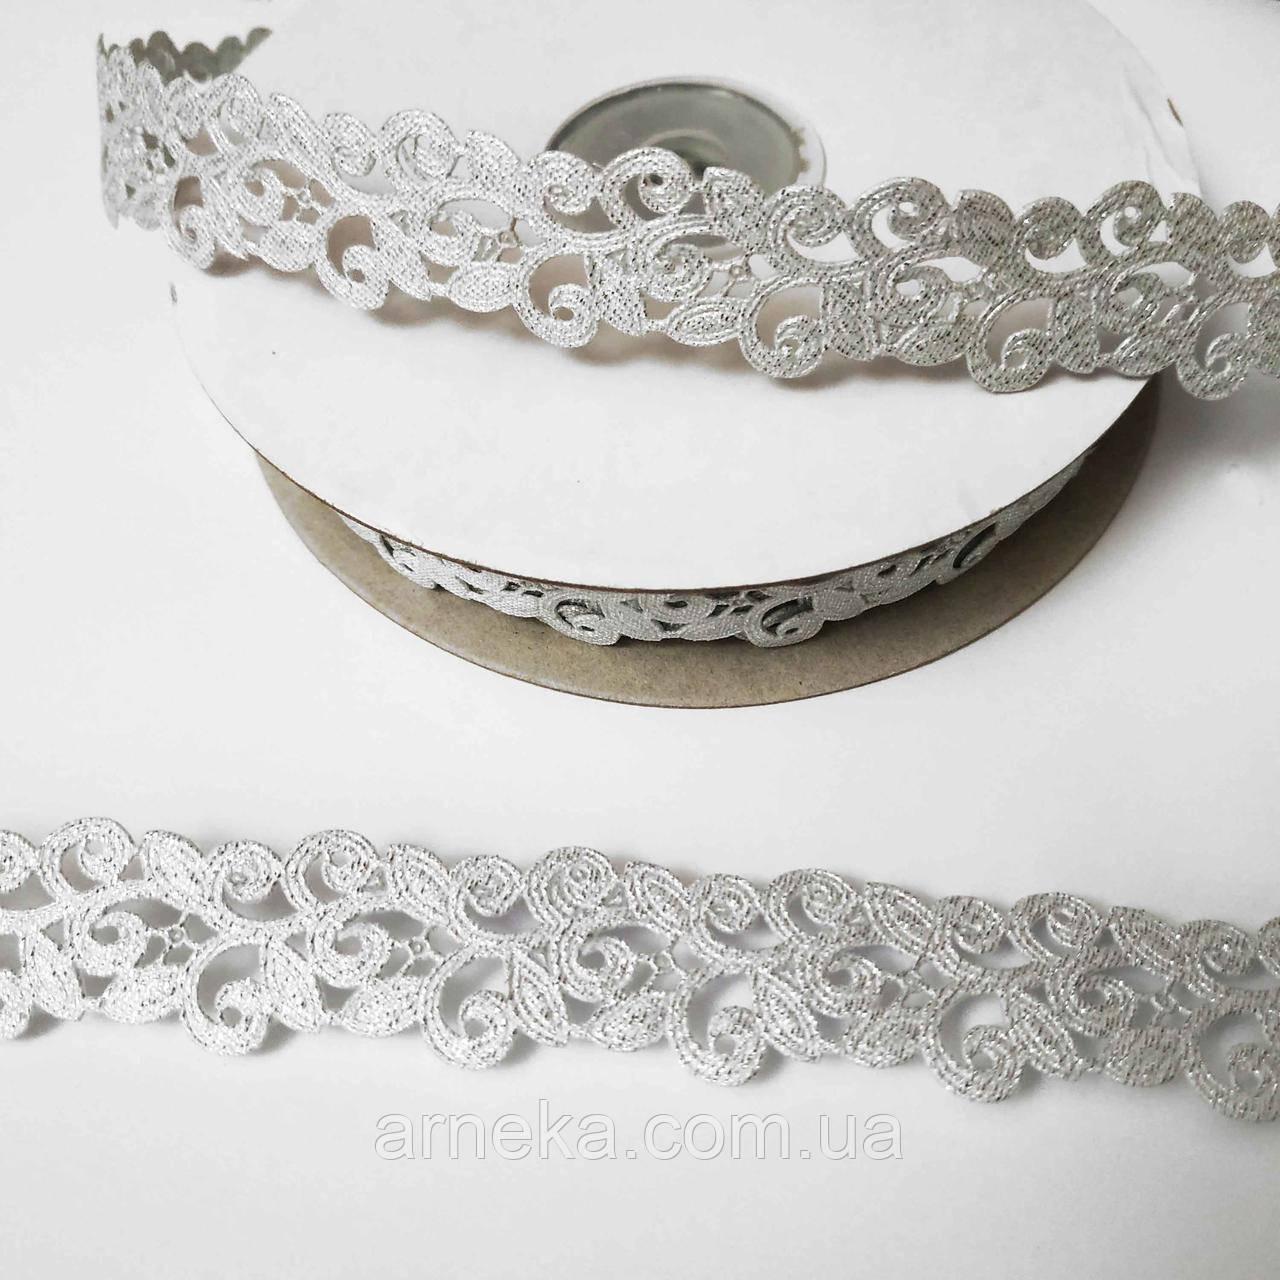 Лента ажурная серебристая, ширина 2 см